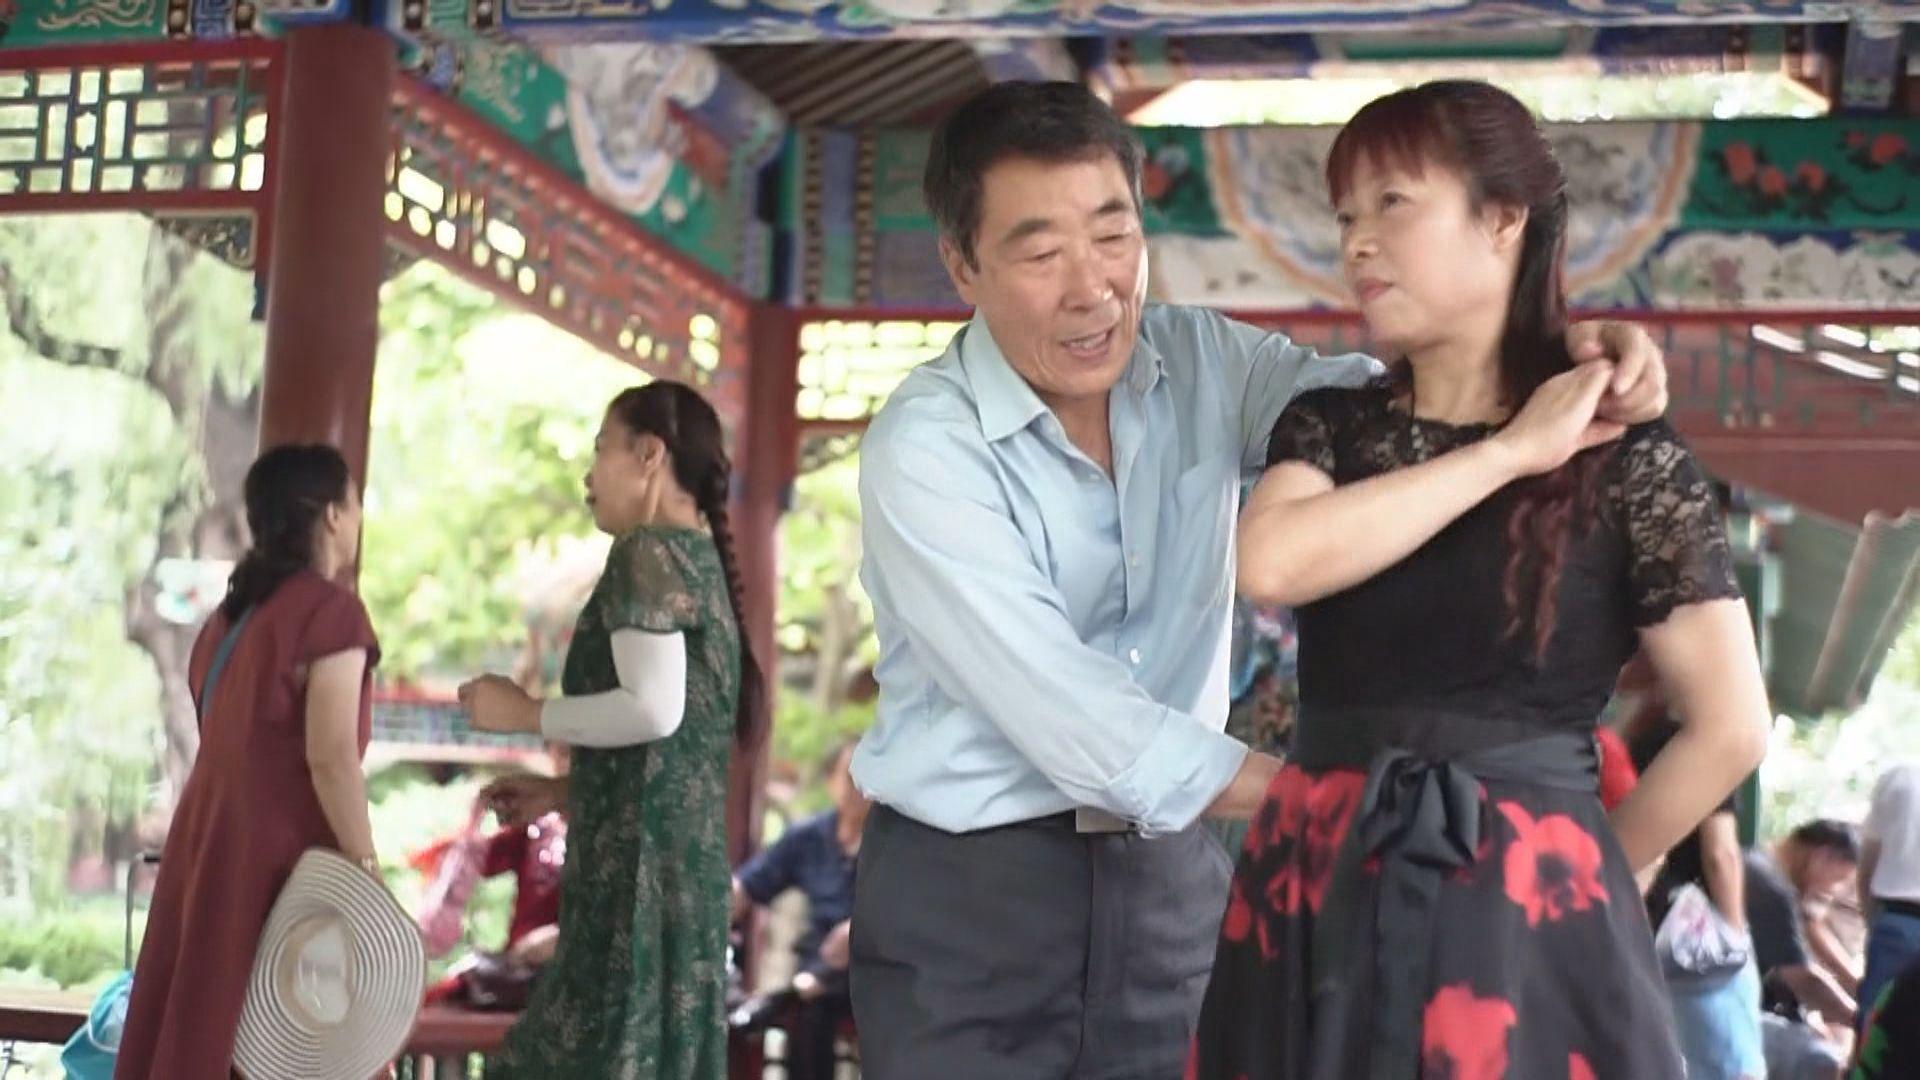 【首都專線】內地長者相親圖再婚解寂寞